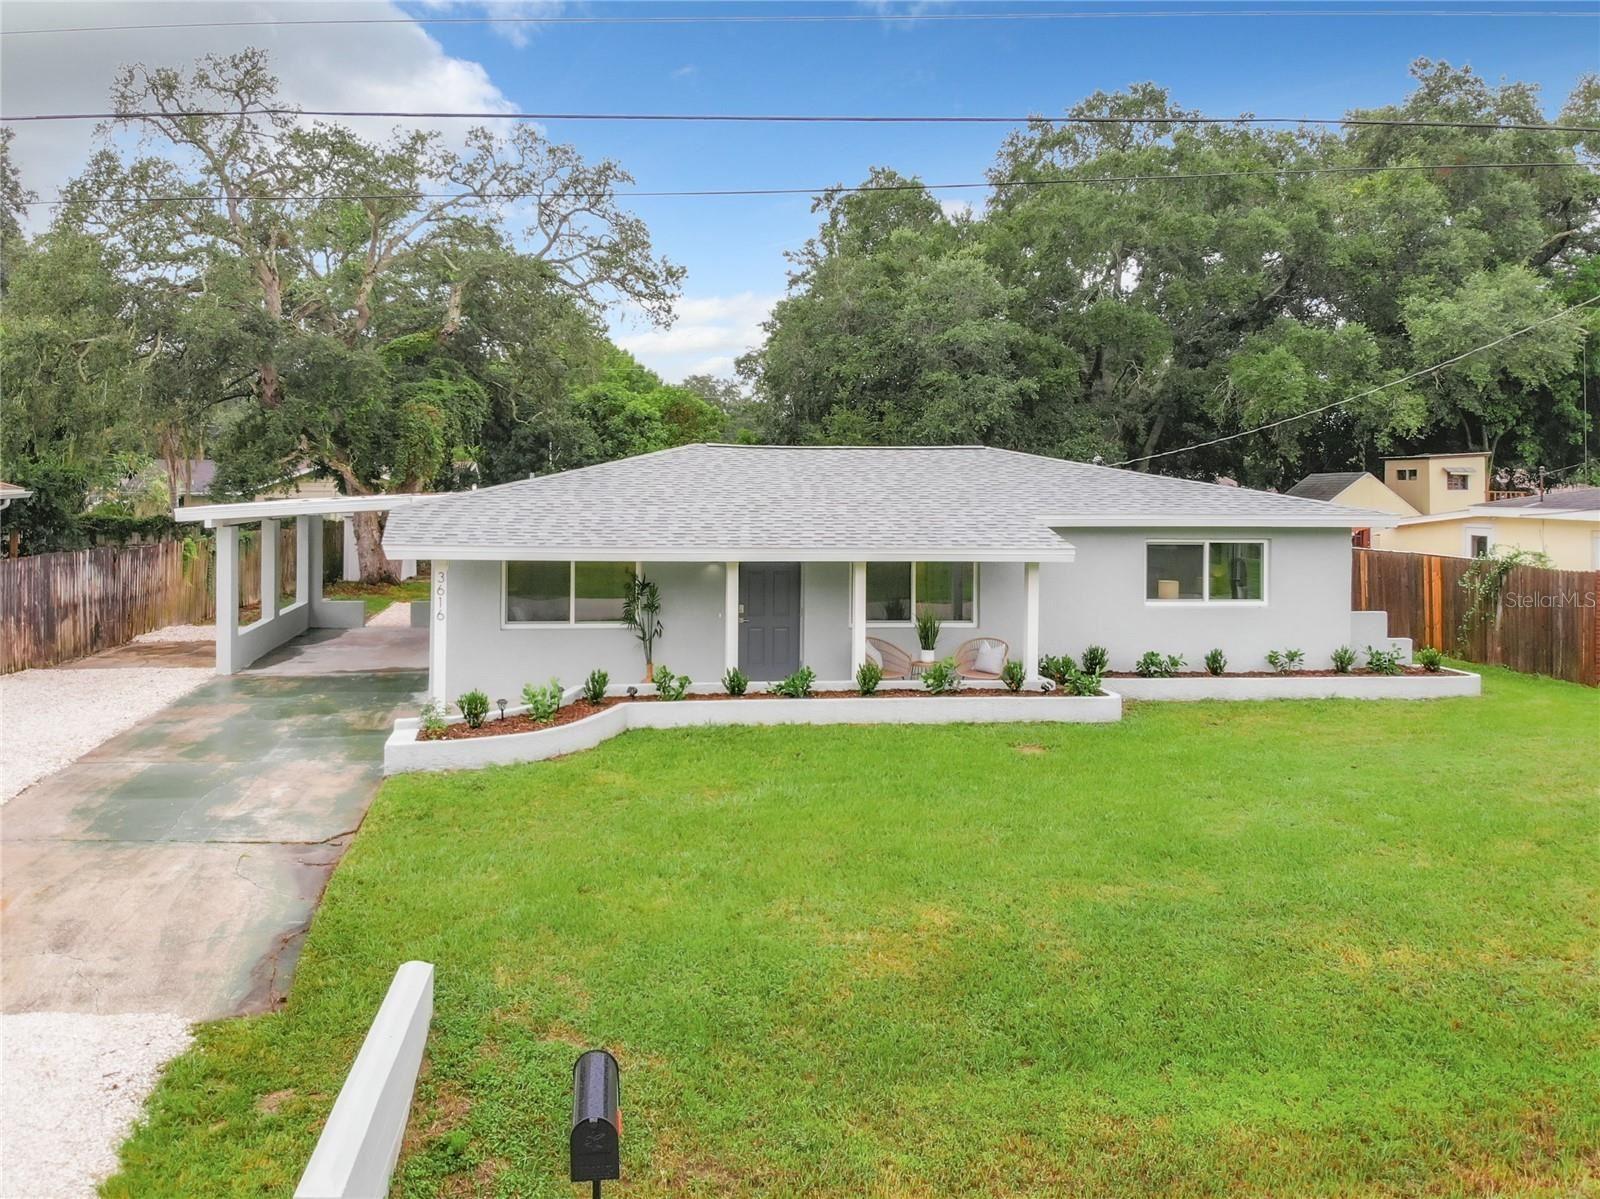 3616 TEAL AVE, Sarasota, FL 34232 - #: A4512620